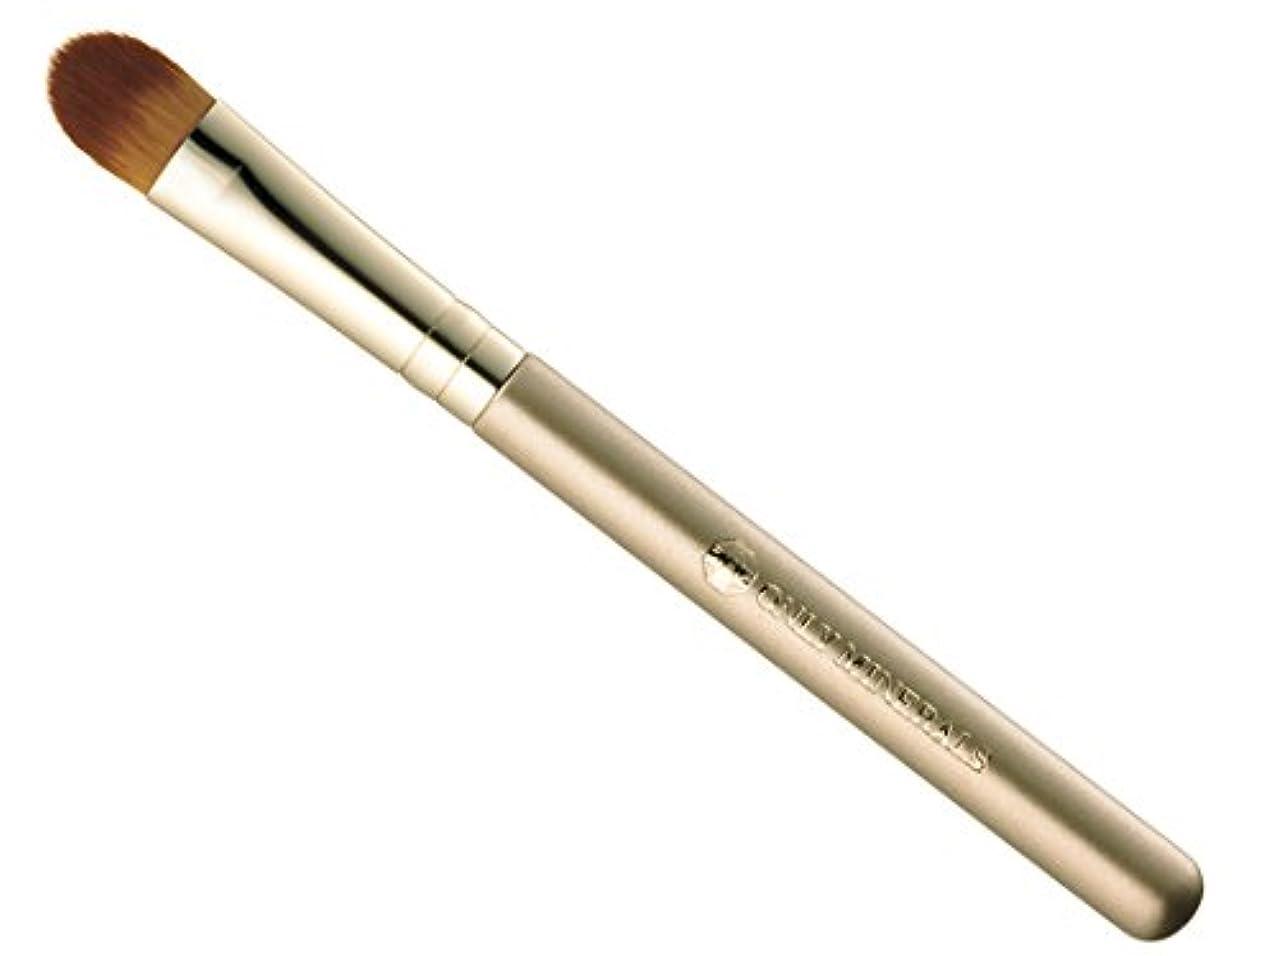 橋害ブロックオンリーミネラル コンシーラー&ハイライトブラシ 12.5cm